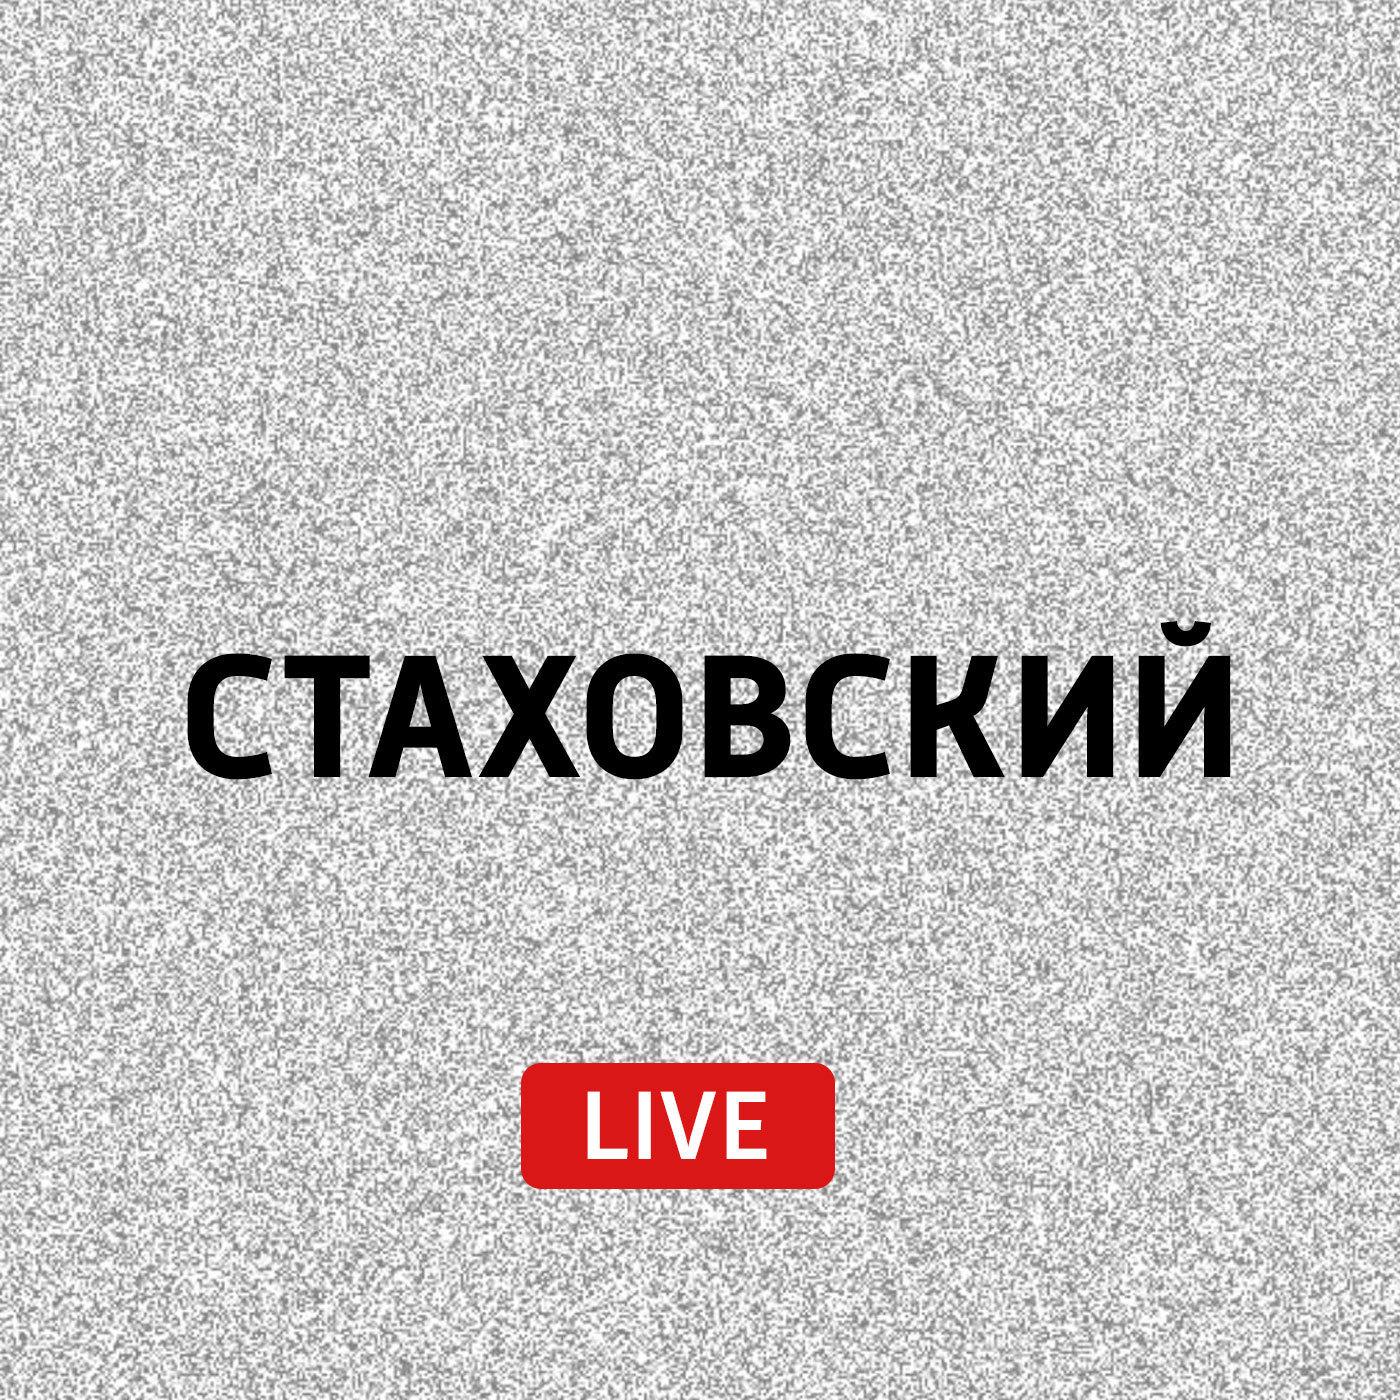 Евгений Стаховский Погружение в литературные дебри и глубже евгений стаховский жить полной жизнью